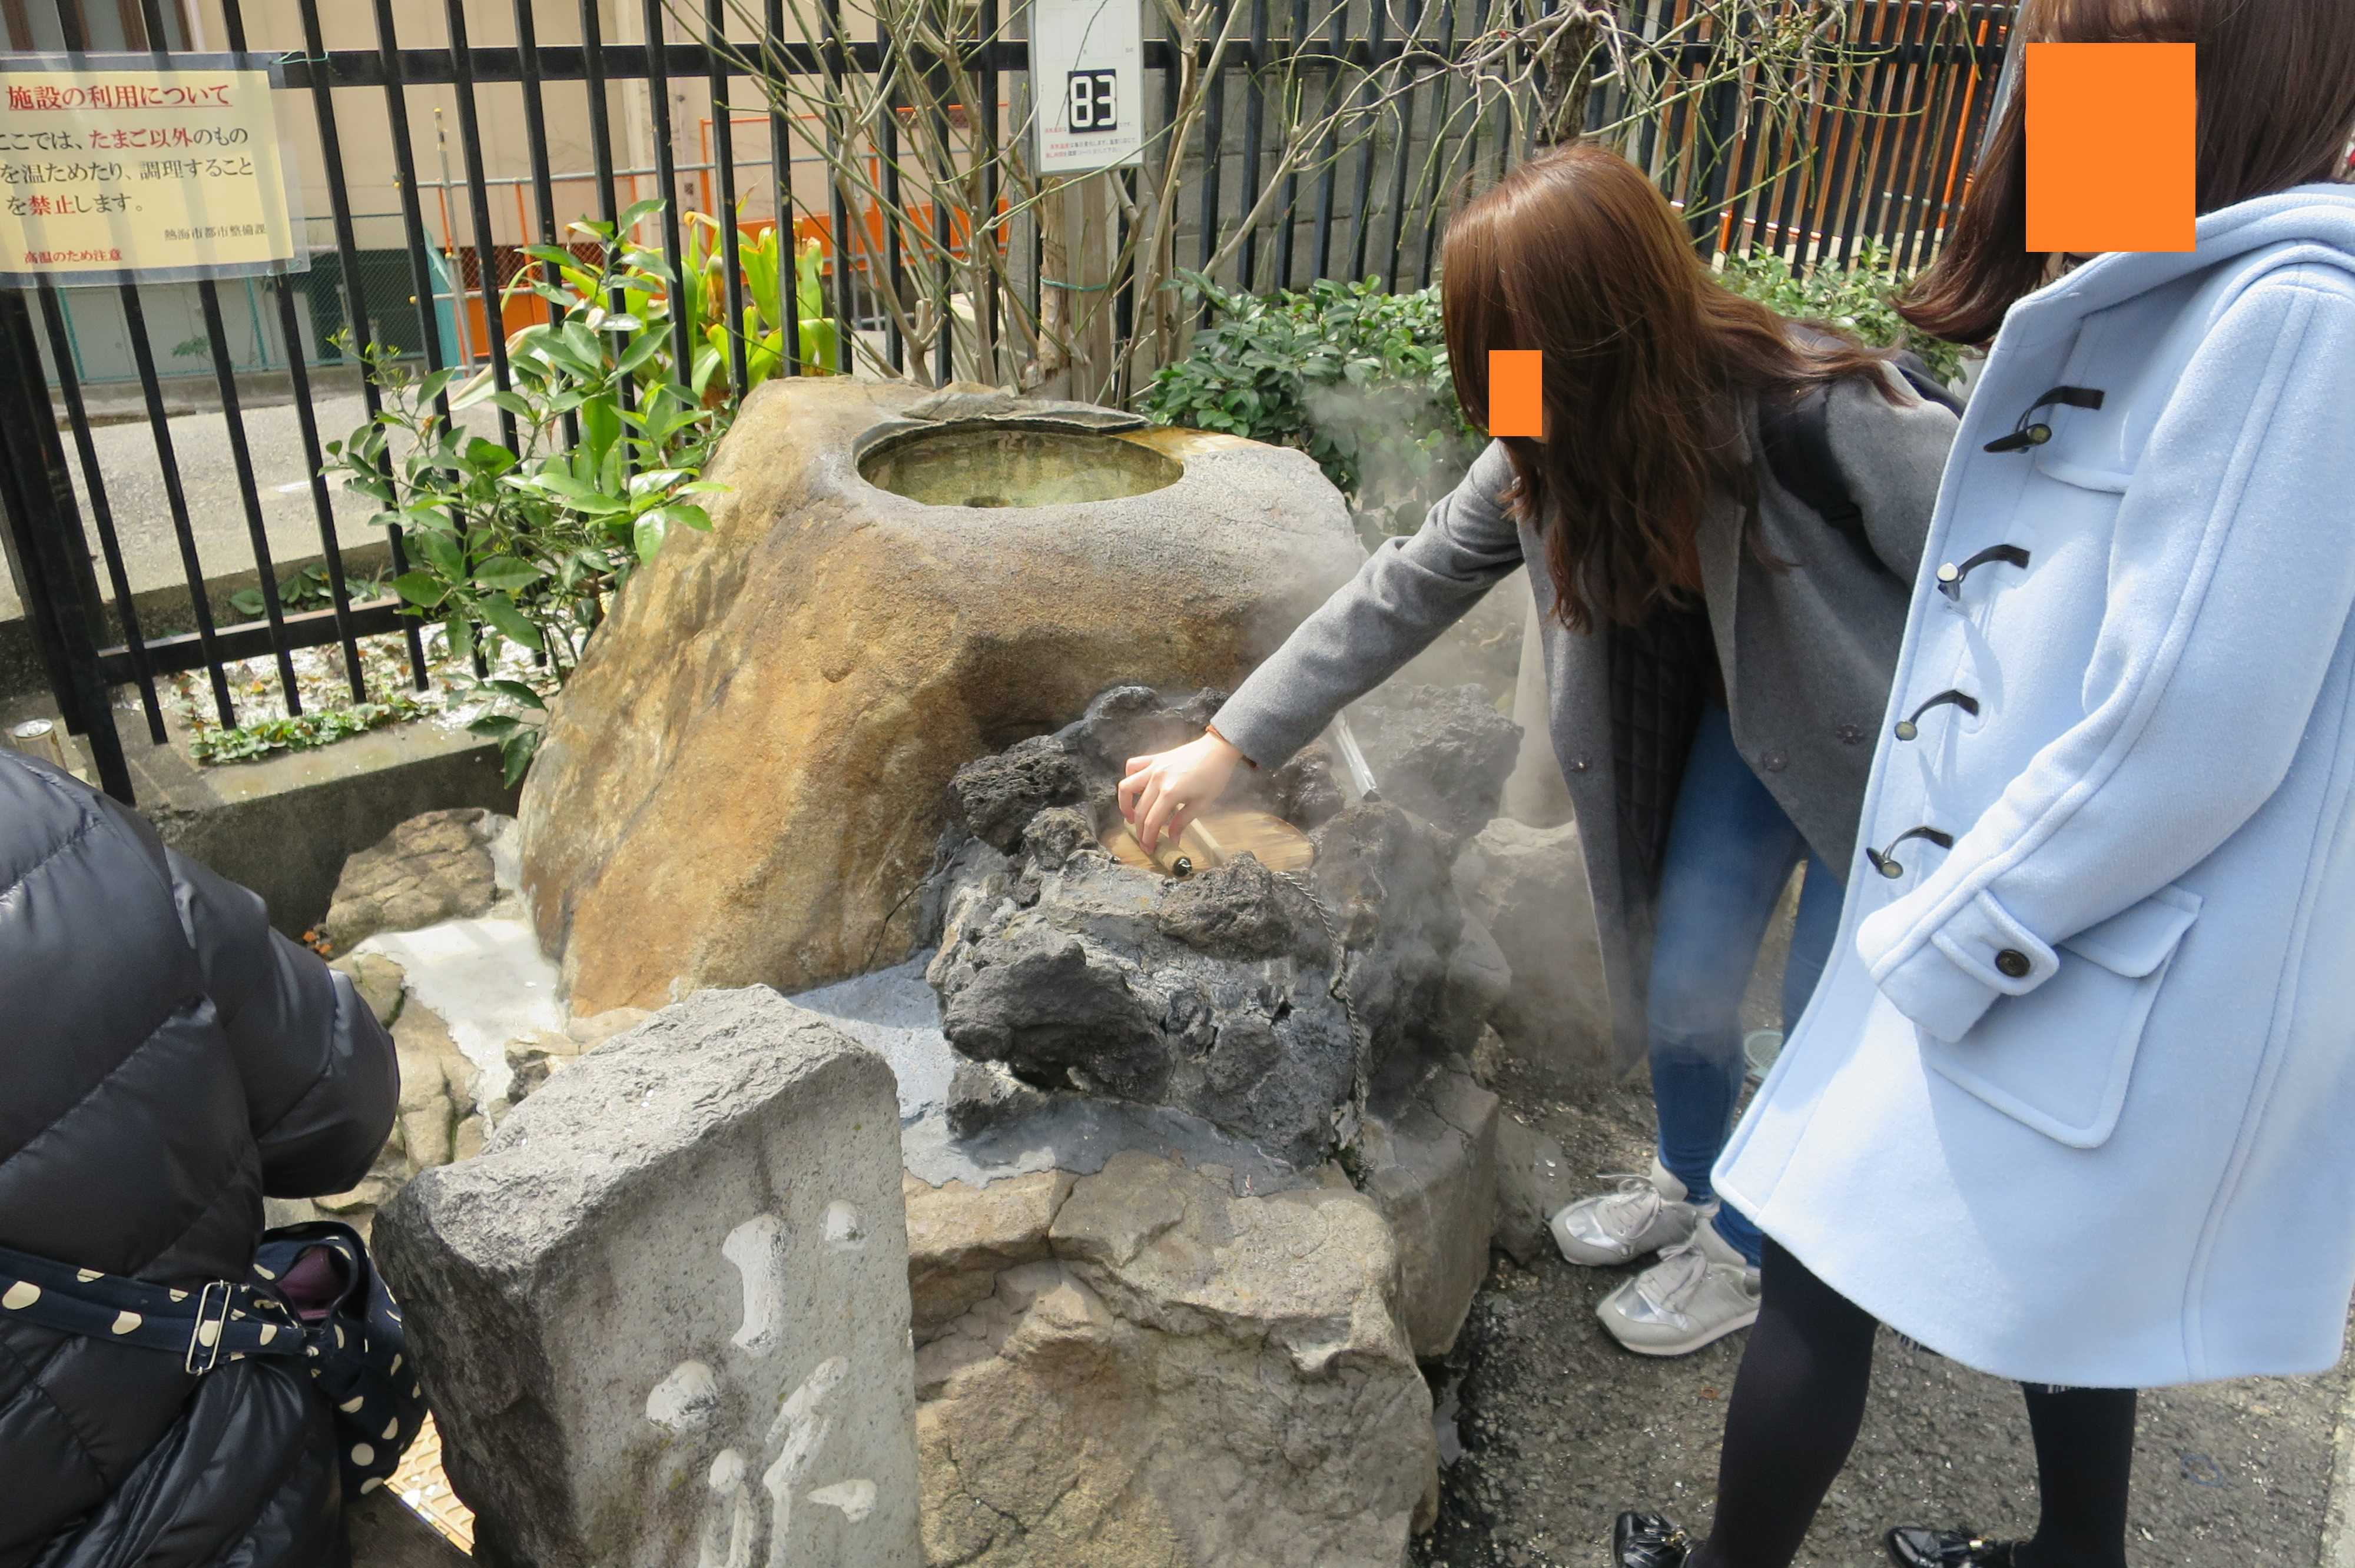 熱海七湯めぐり - 小沢の湯・平左衛門の湯(こさわのゆ・へいざえもんのゆ)